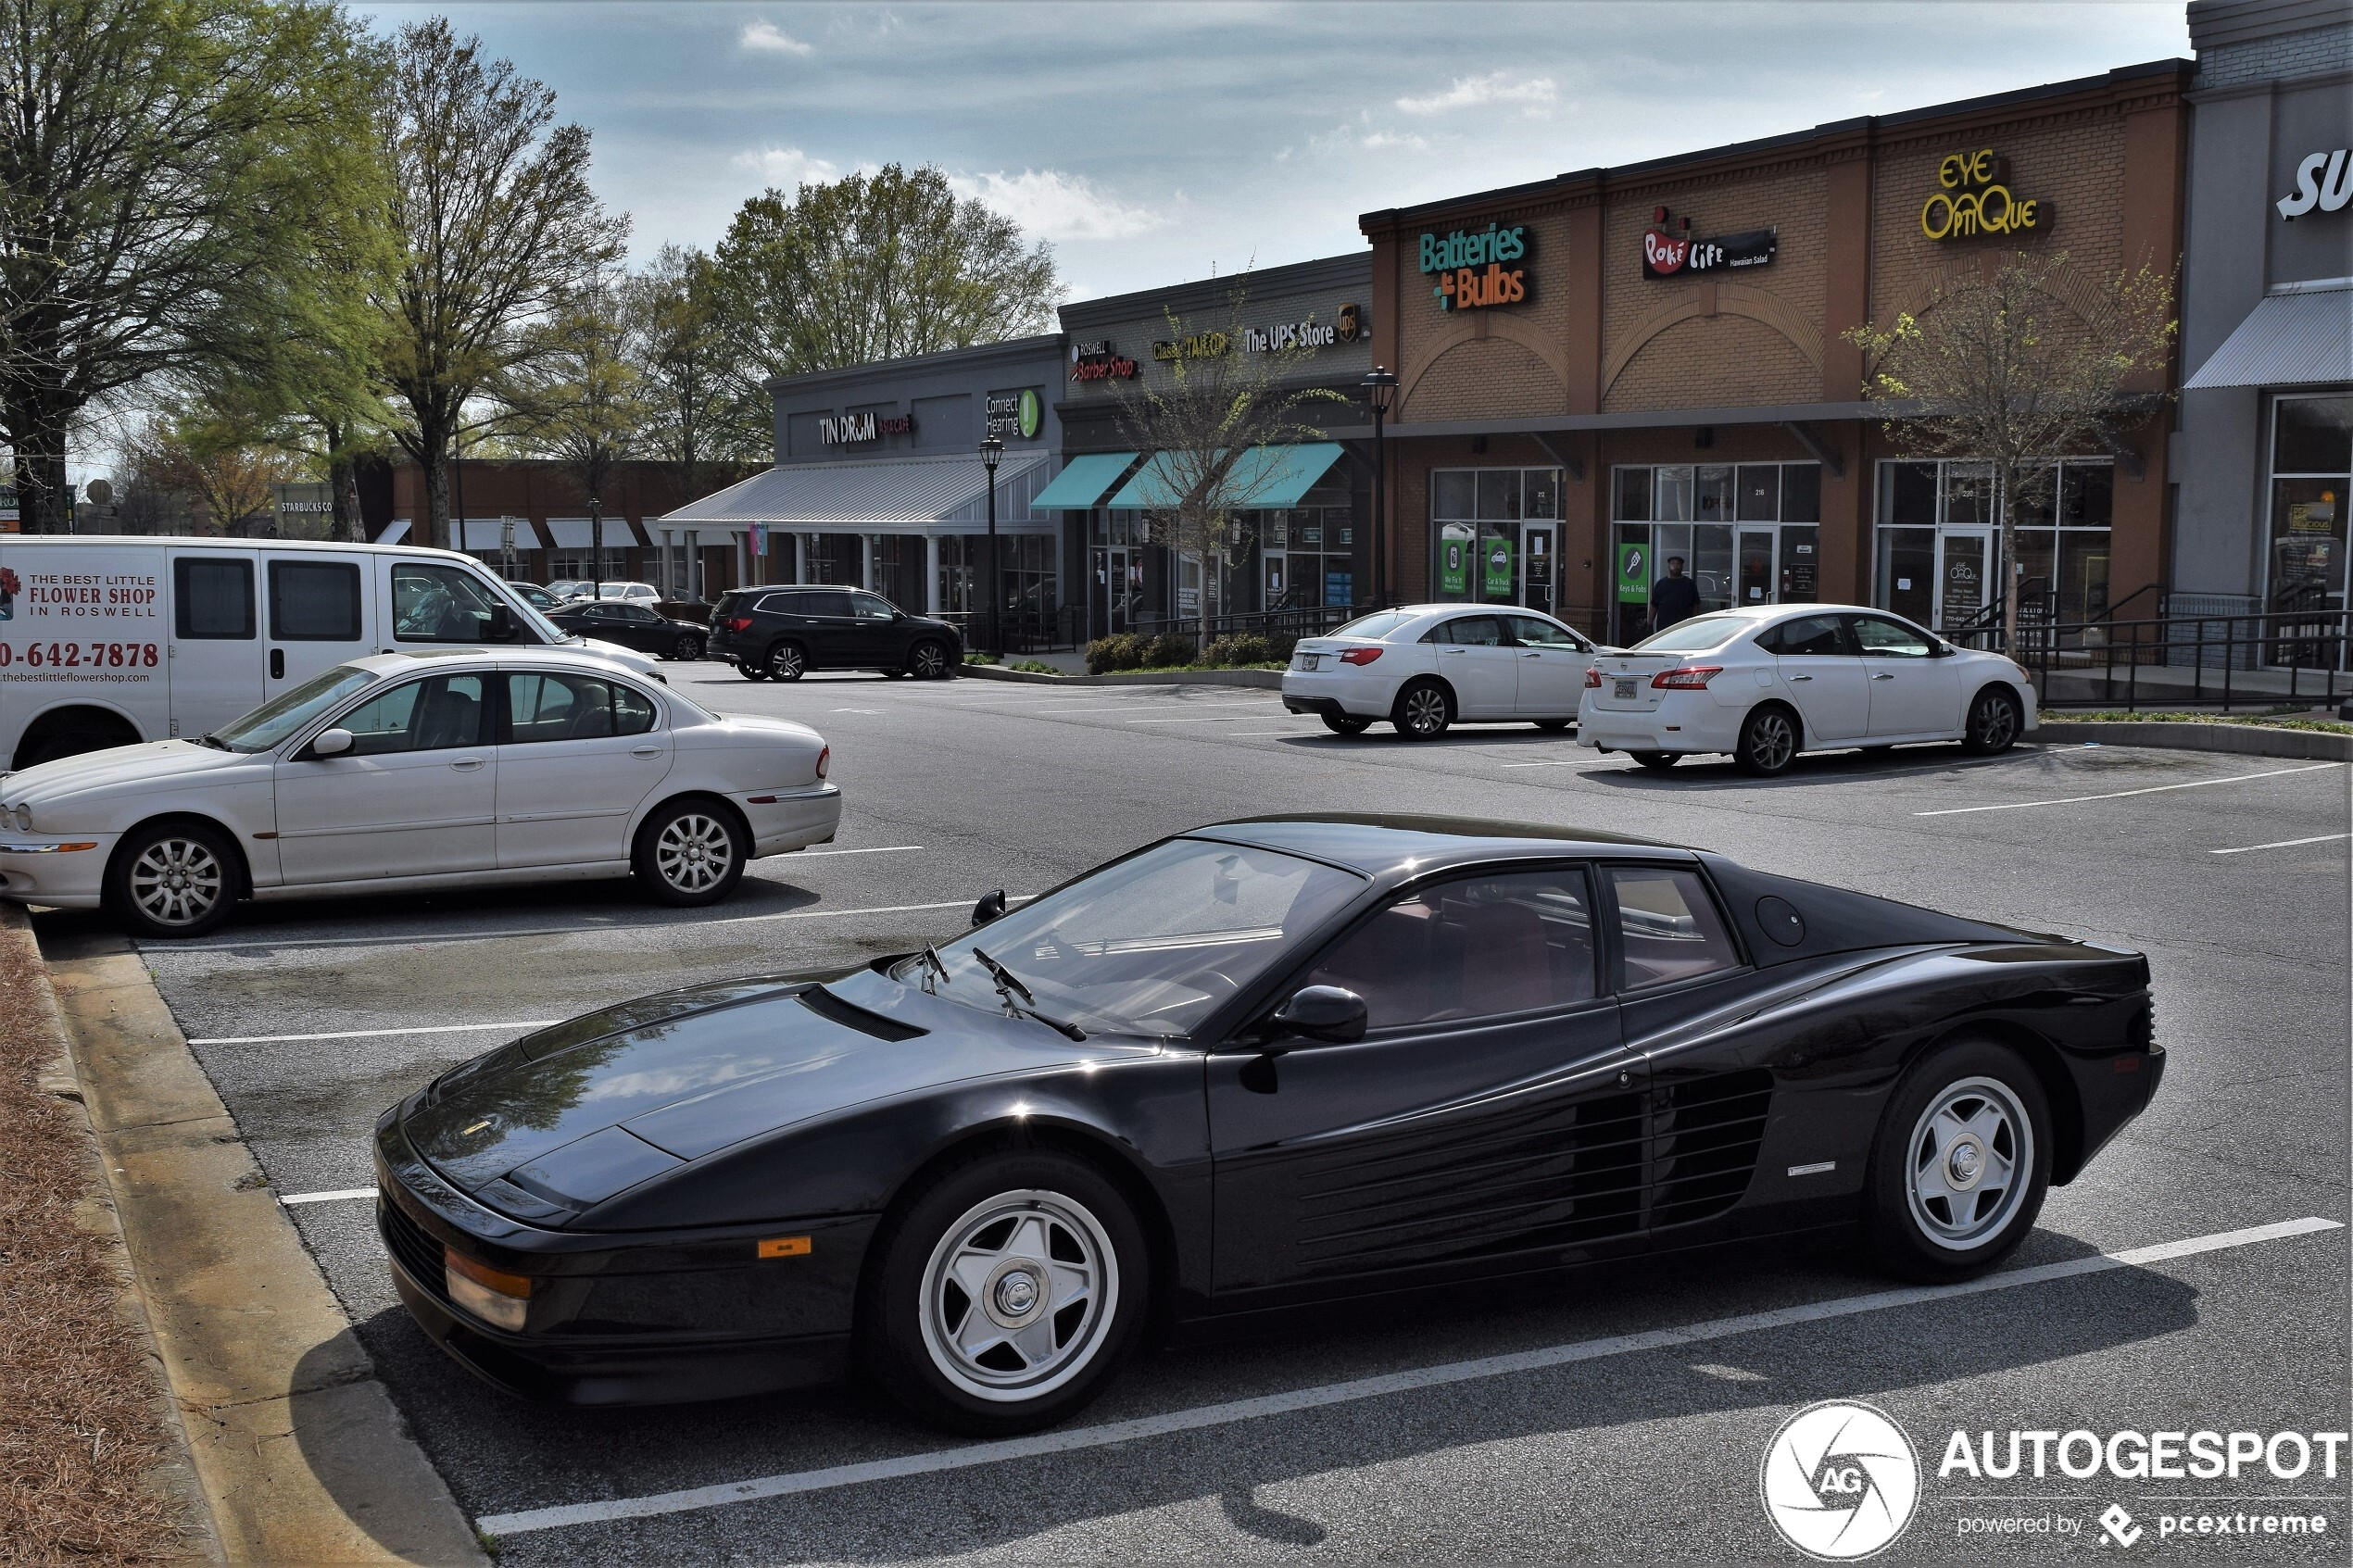 Spot Of The Day Usa Ferrari Testarossa By Horse Power